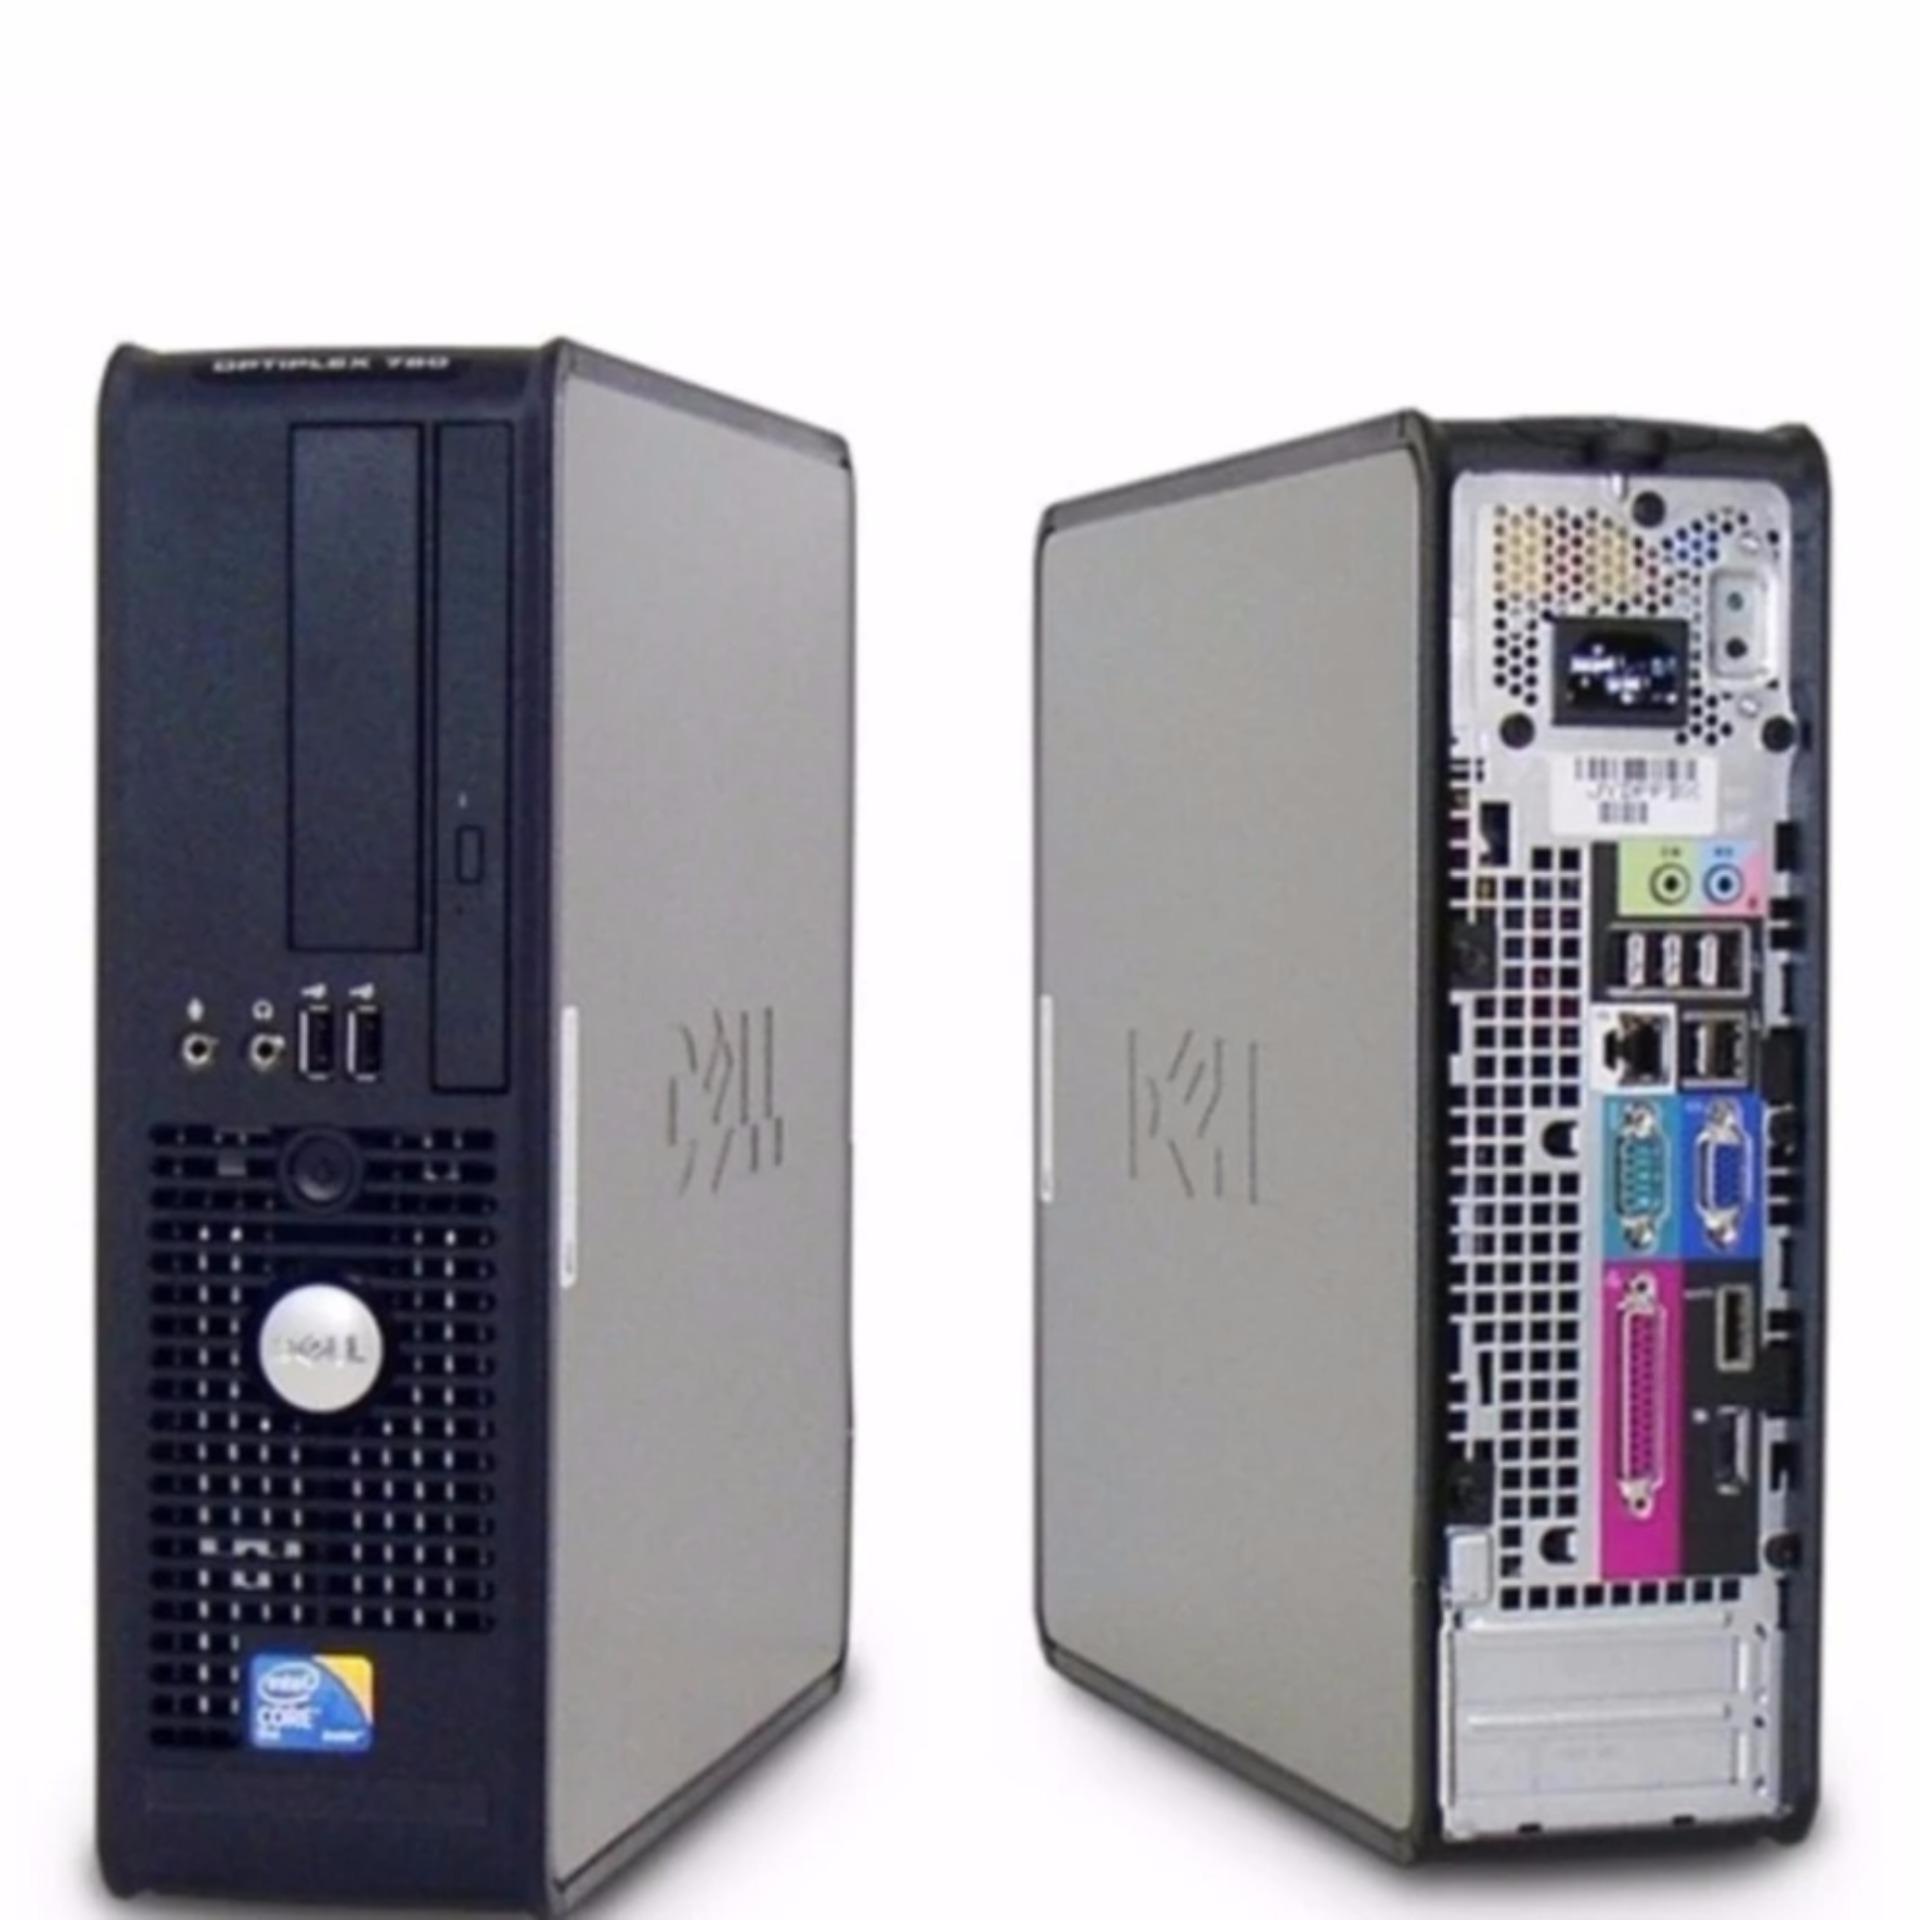 Giá Bán May Tinh Đồng Bộ Dell Optiplex 780 Core 2 Duo Ram 4Gb Hdd 160Gb Hang Nhập Khẩu Có Thương Hiệu